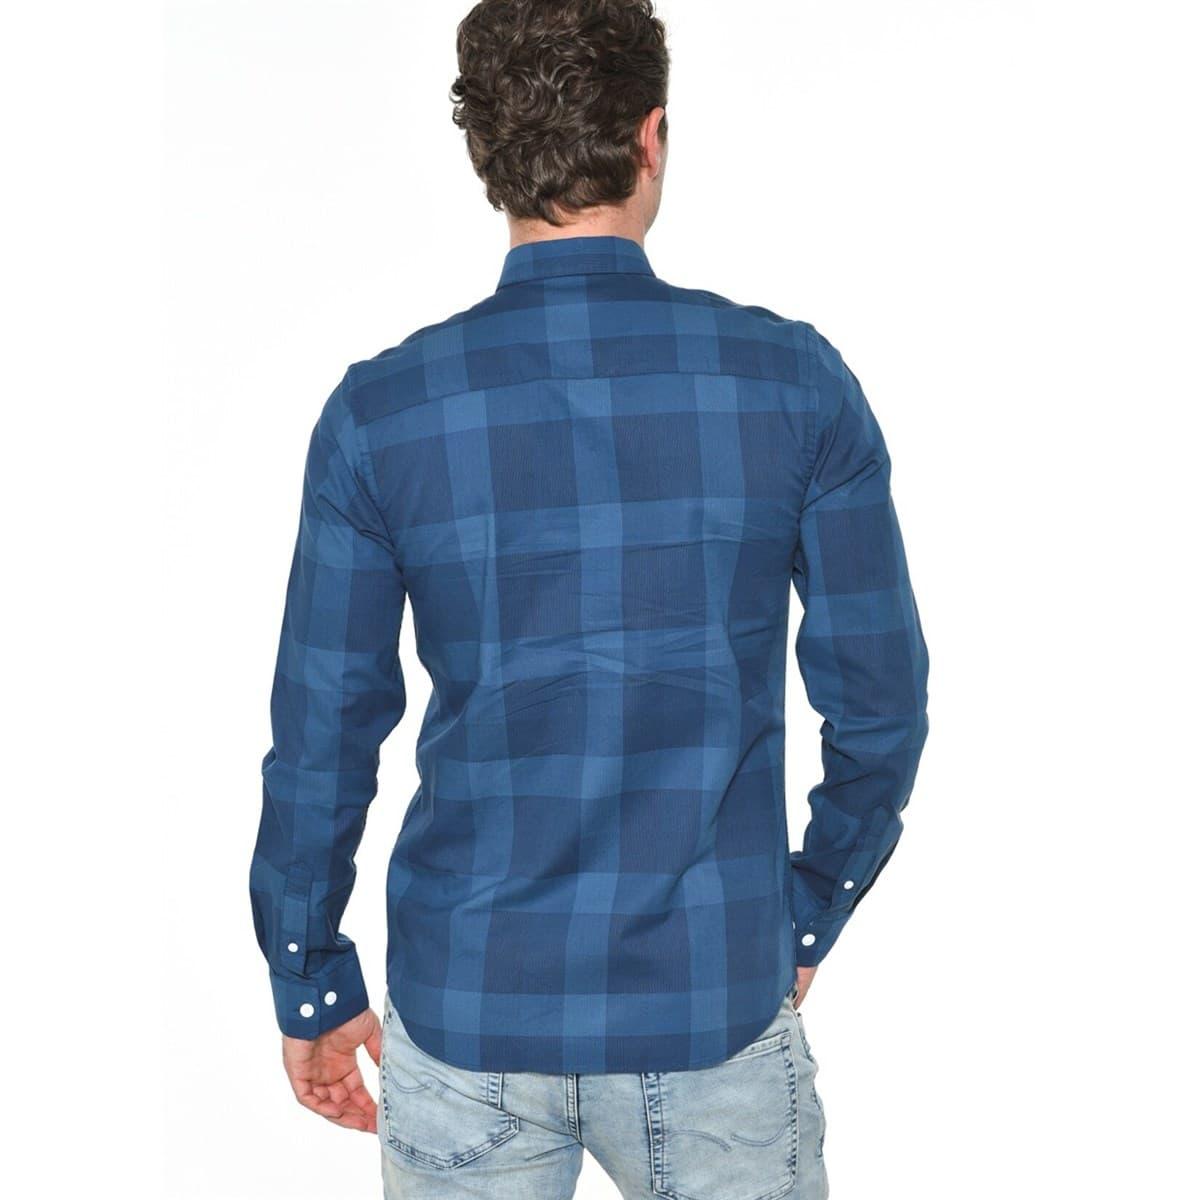 Jcojones Shirt L/s